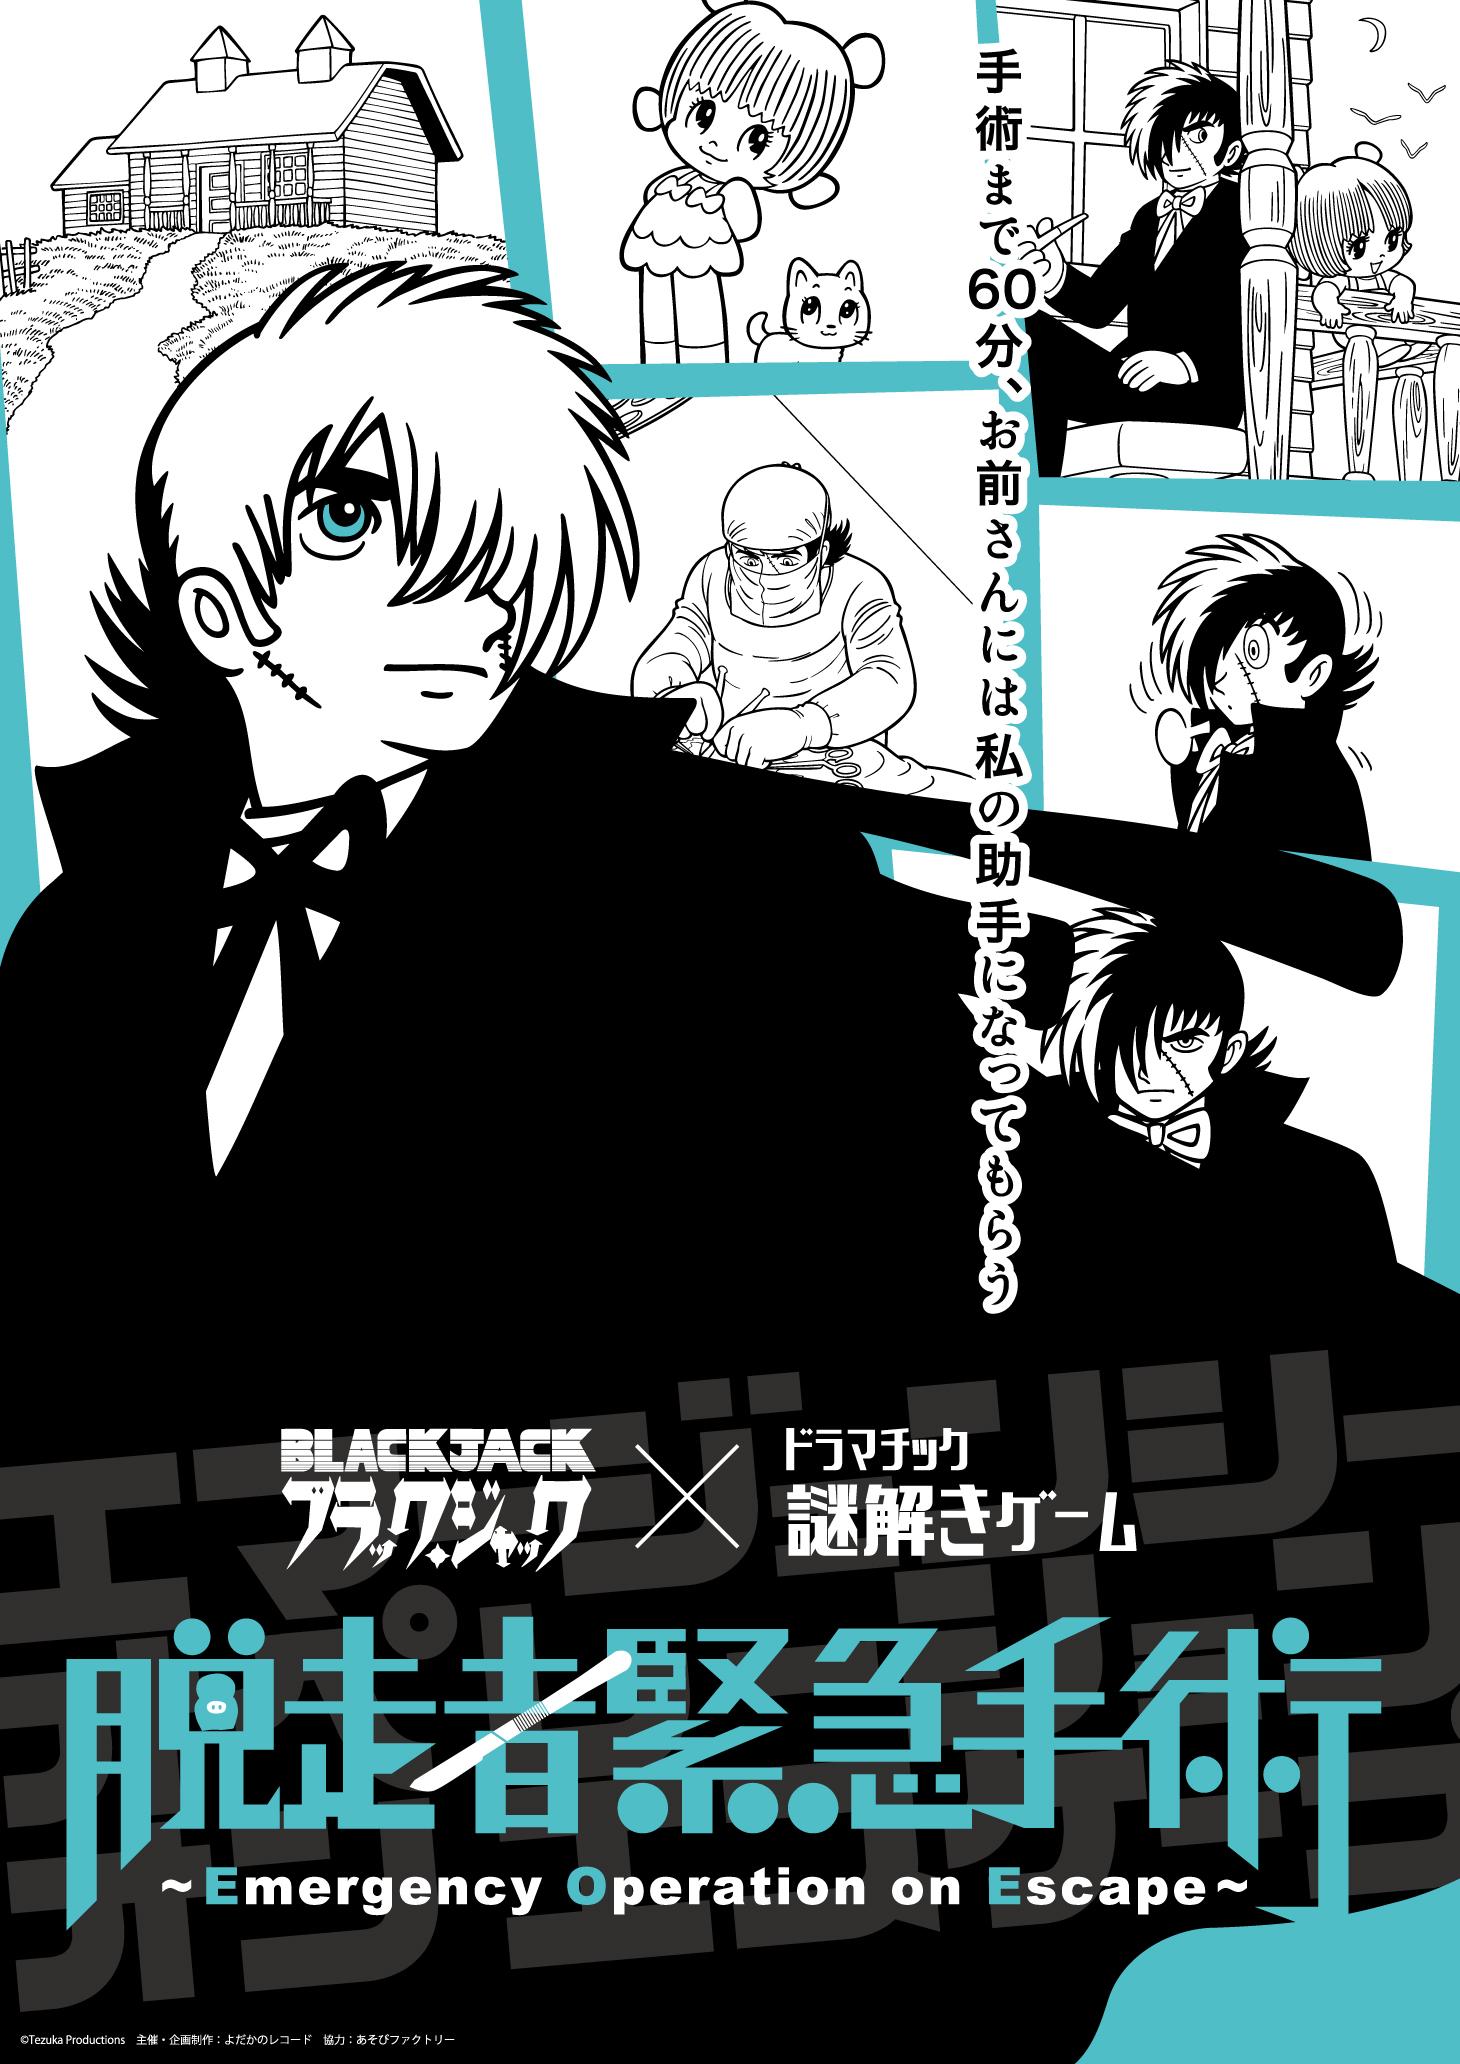 『ブラック・ジャック』東京で7/23~ 謎解きゲームを実施